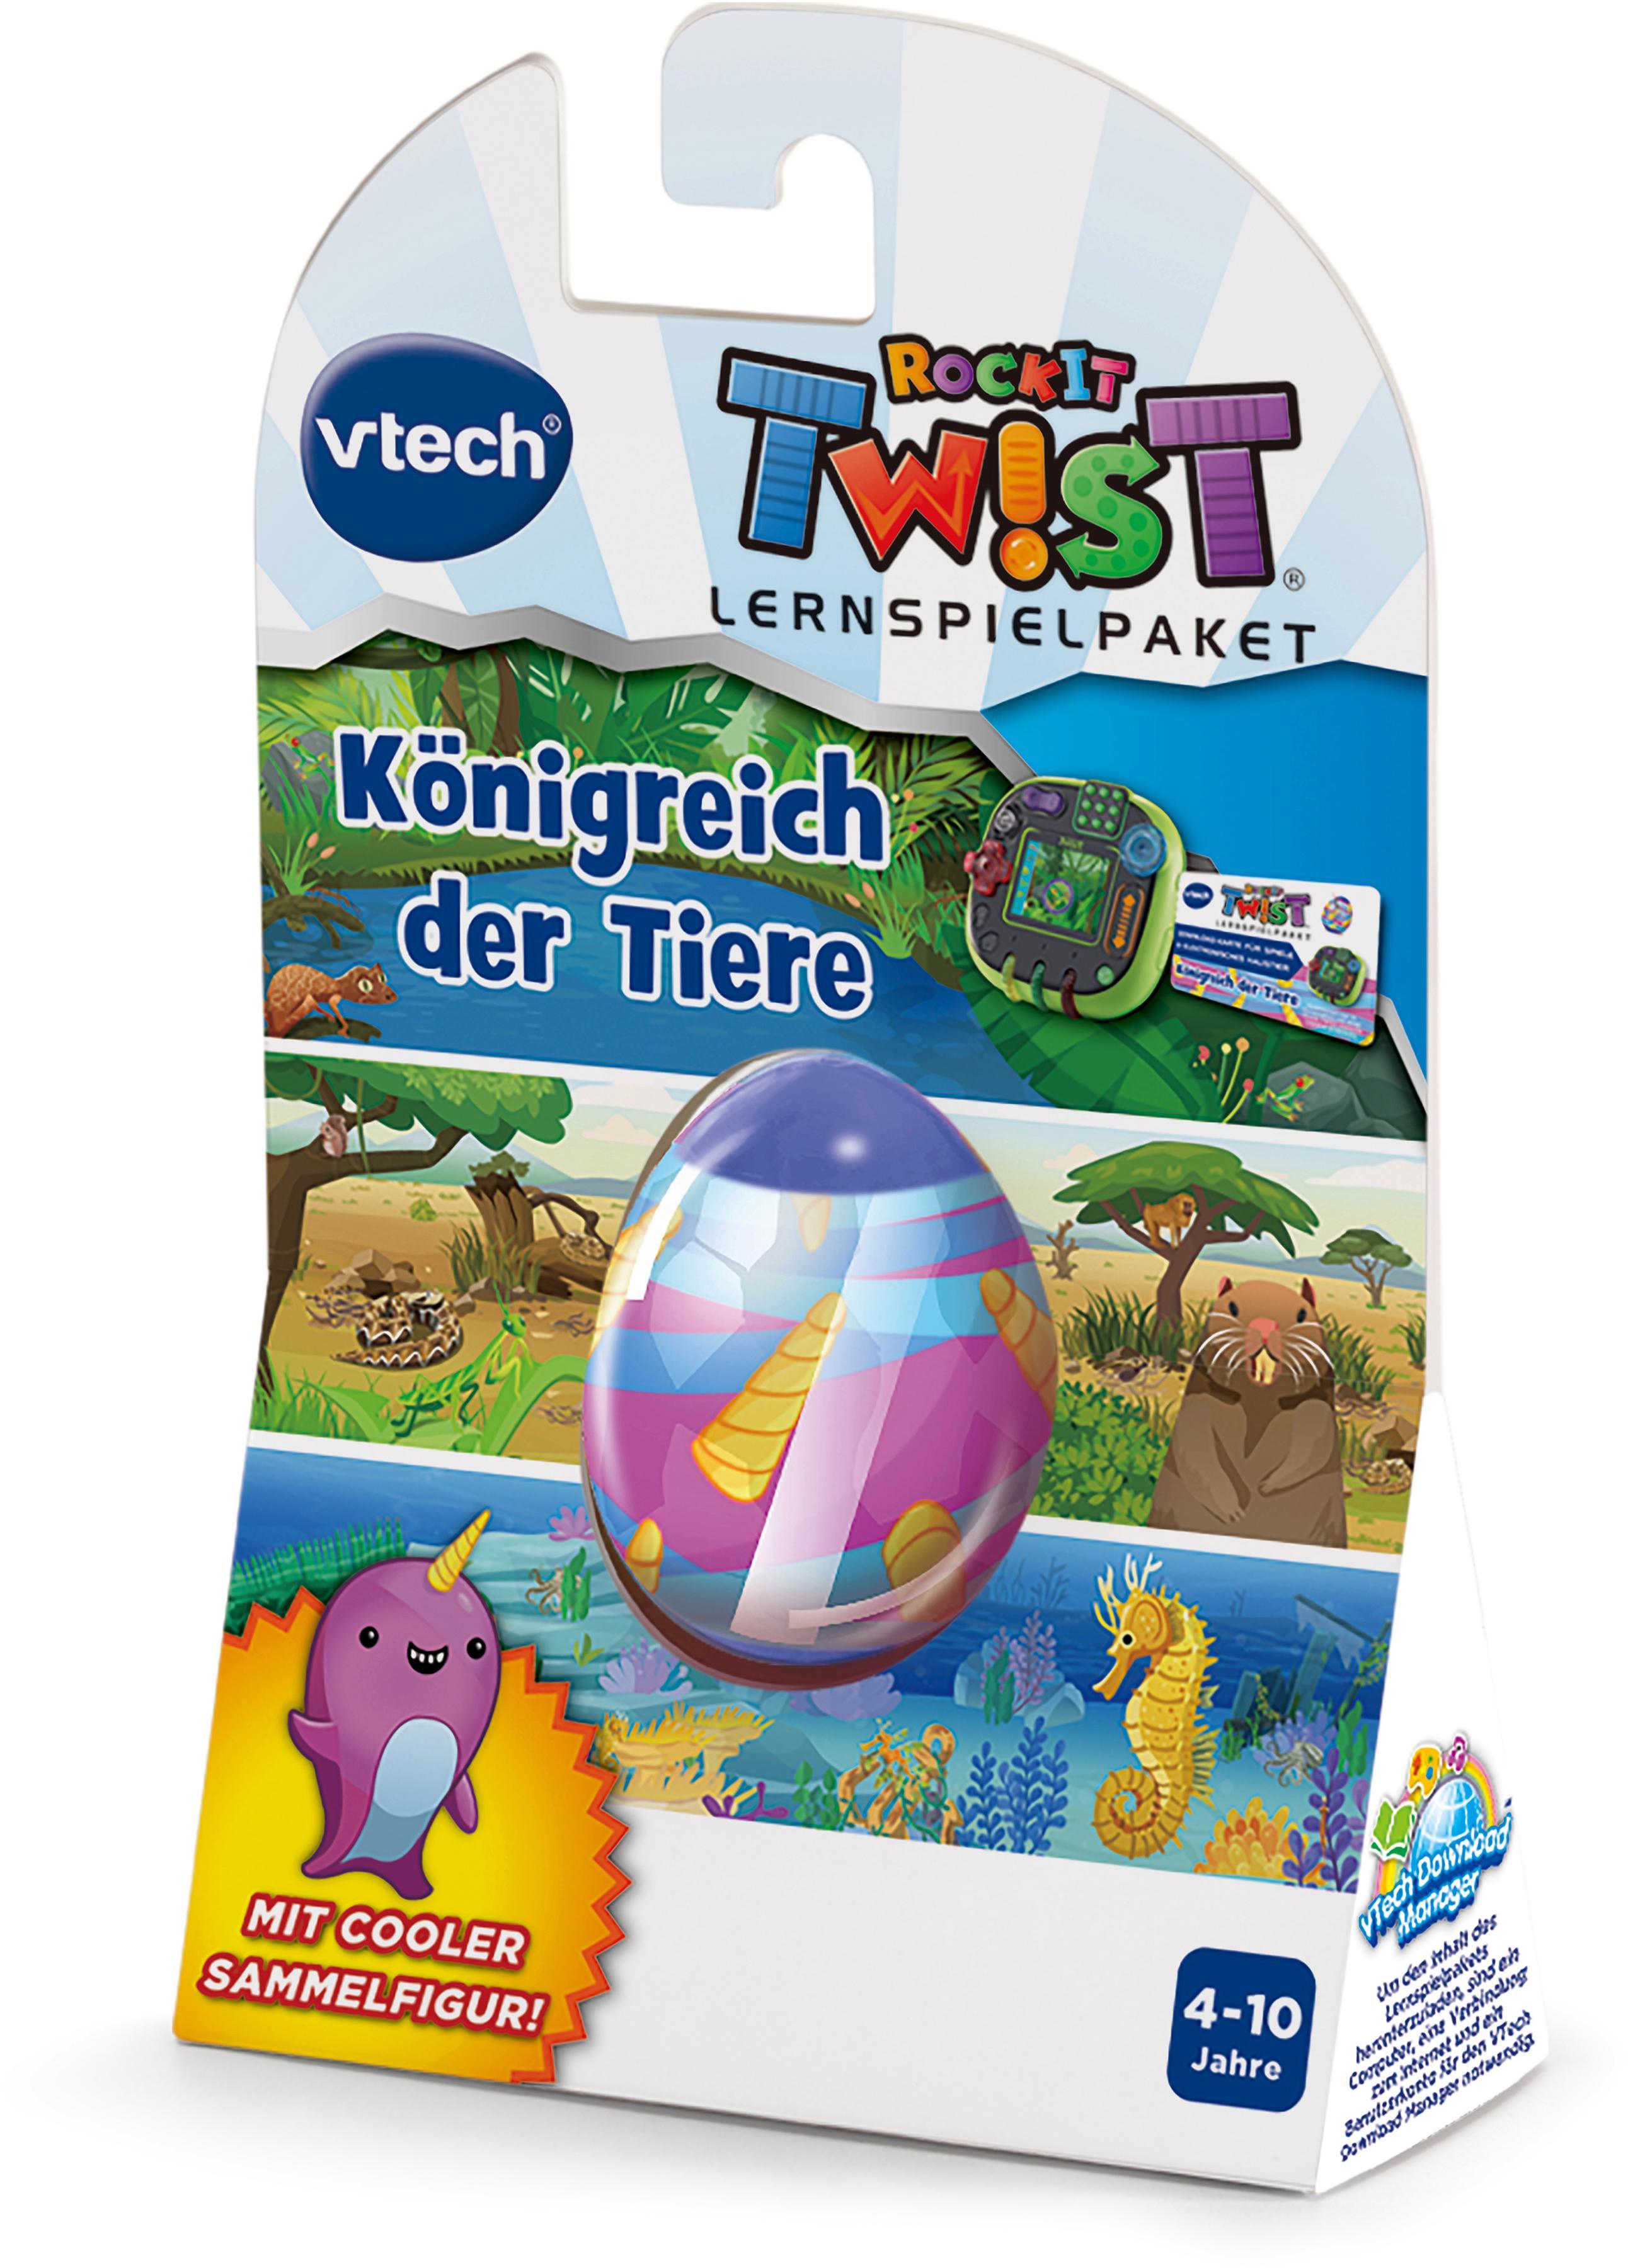 RockIt TWIST - Königreich der Tiere vtech bunt Kinder Kinder-Computer Lernspielzeug Computerspiel